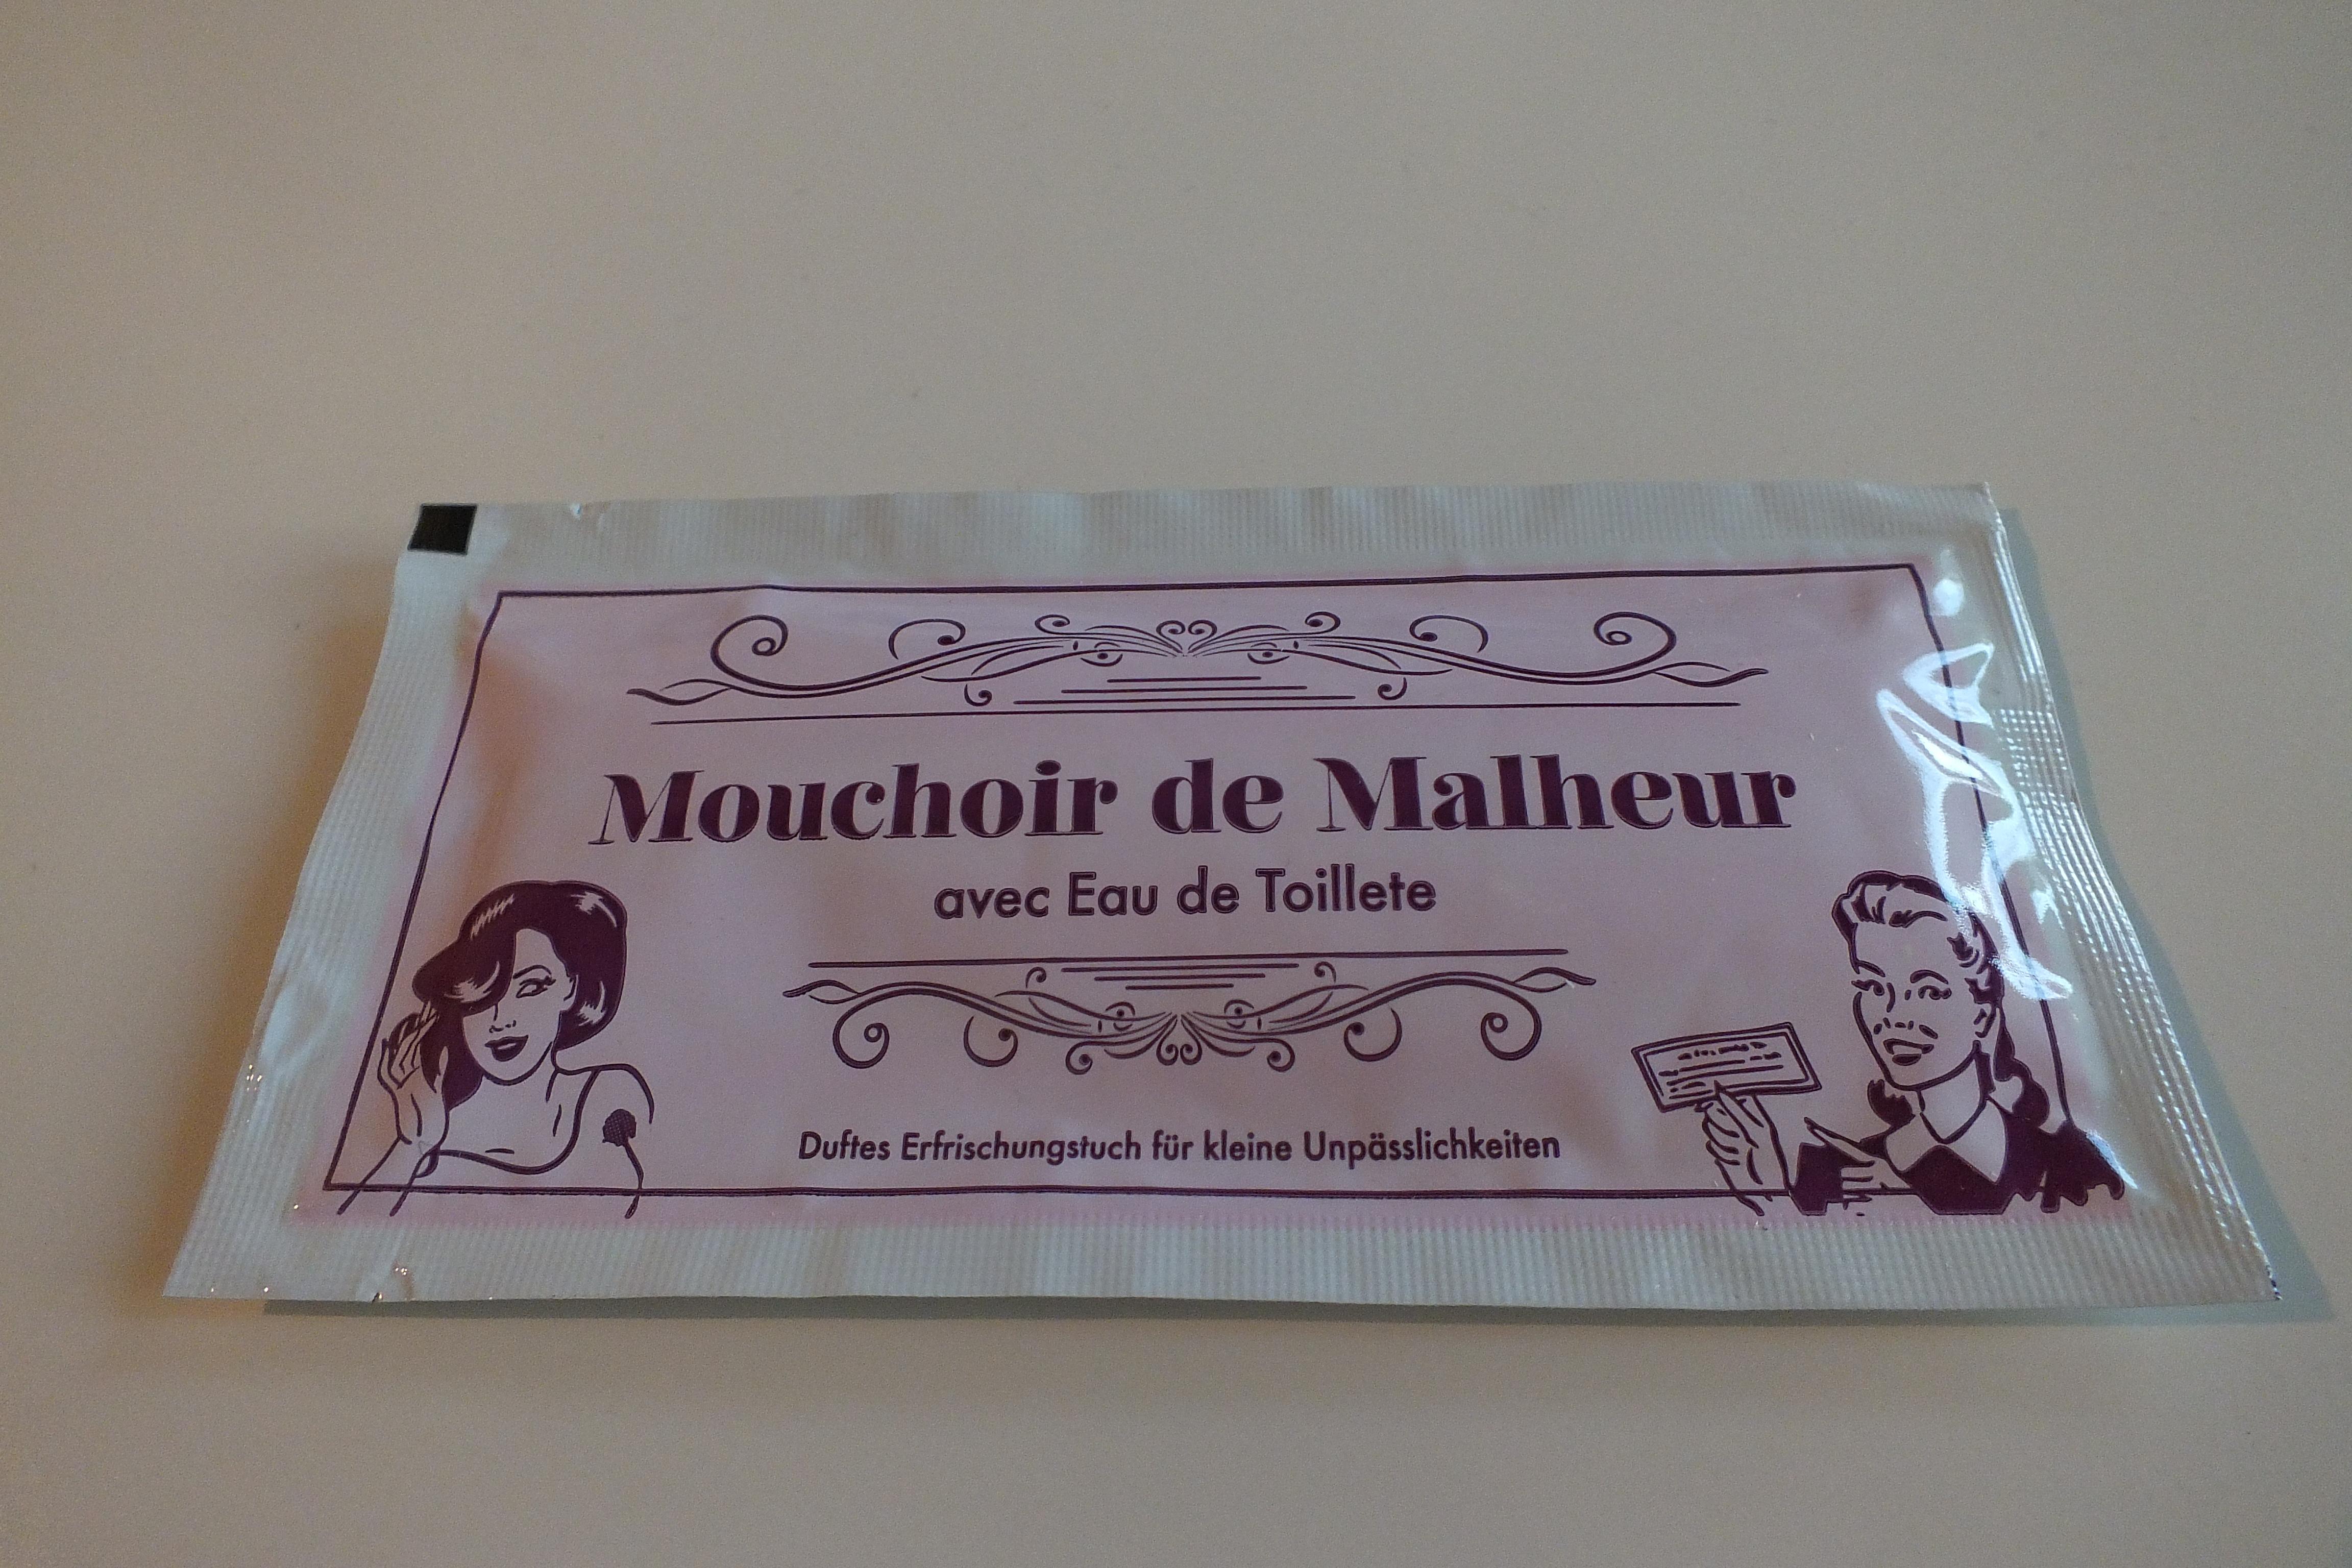 Ausgefallenkleineaufmerksamkeiten - Erfrischungstuch Mouchoir de Malheur - Onlineshop Tante Emmer